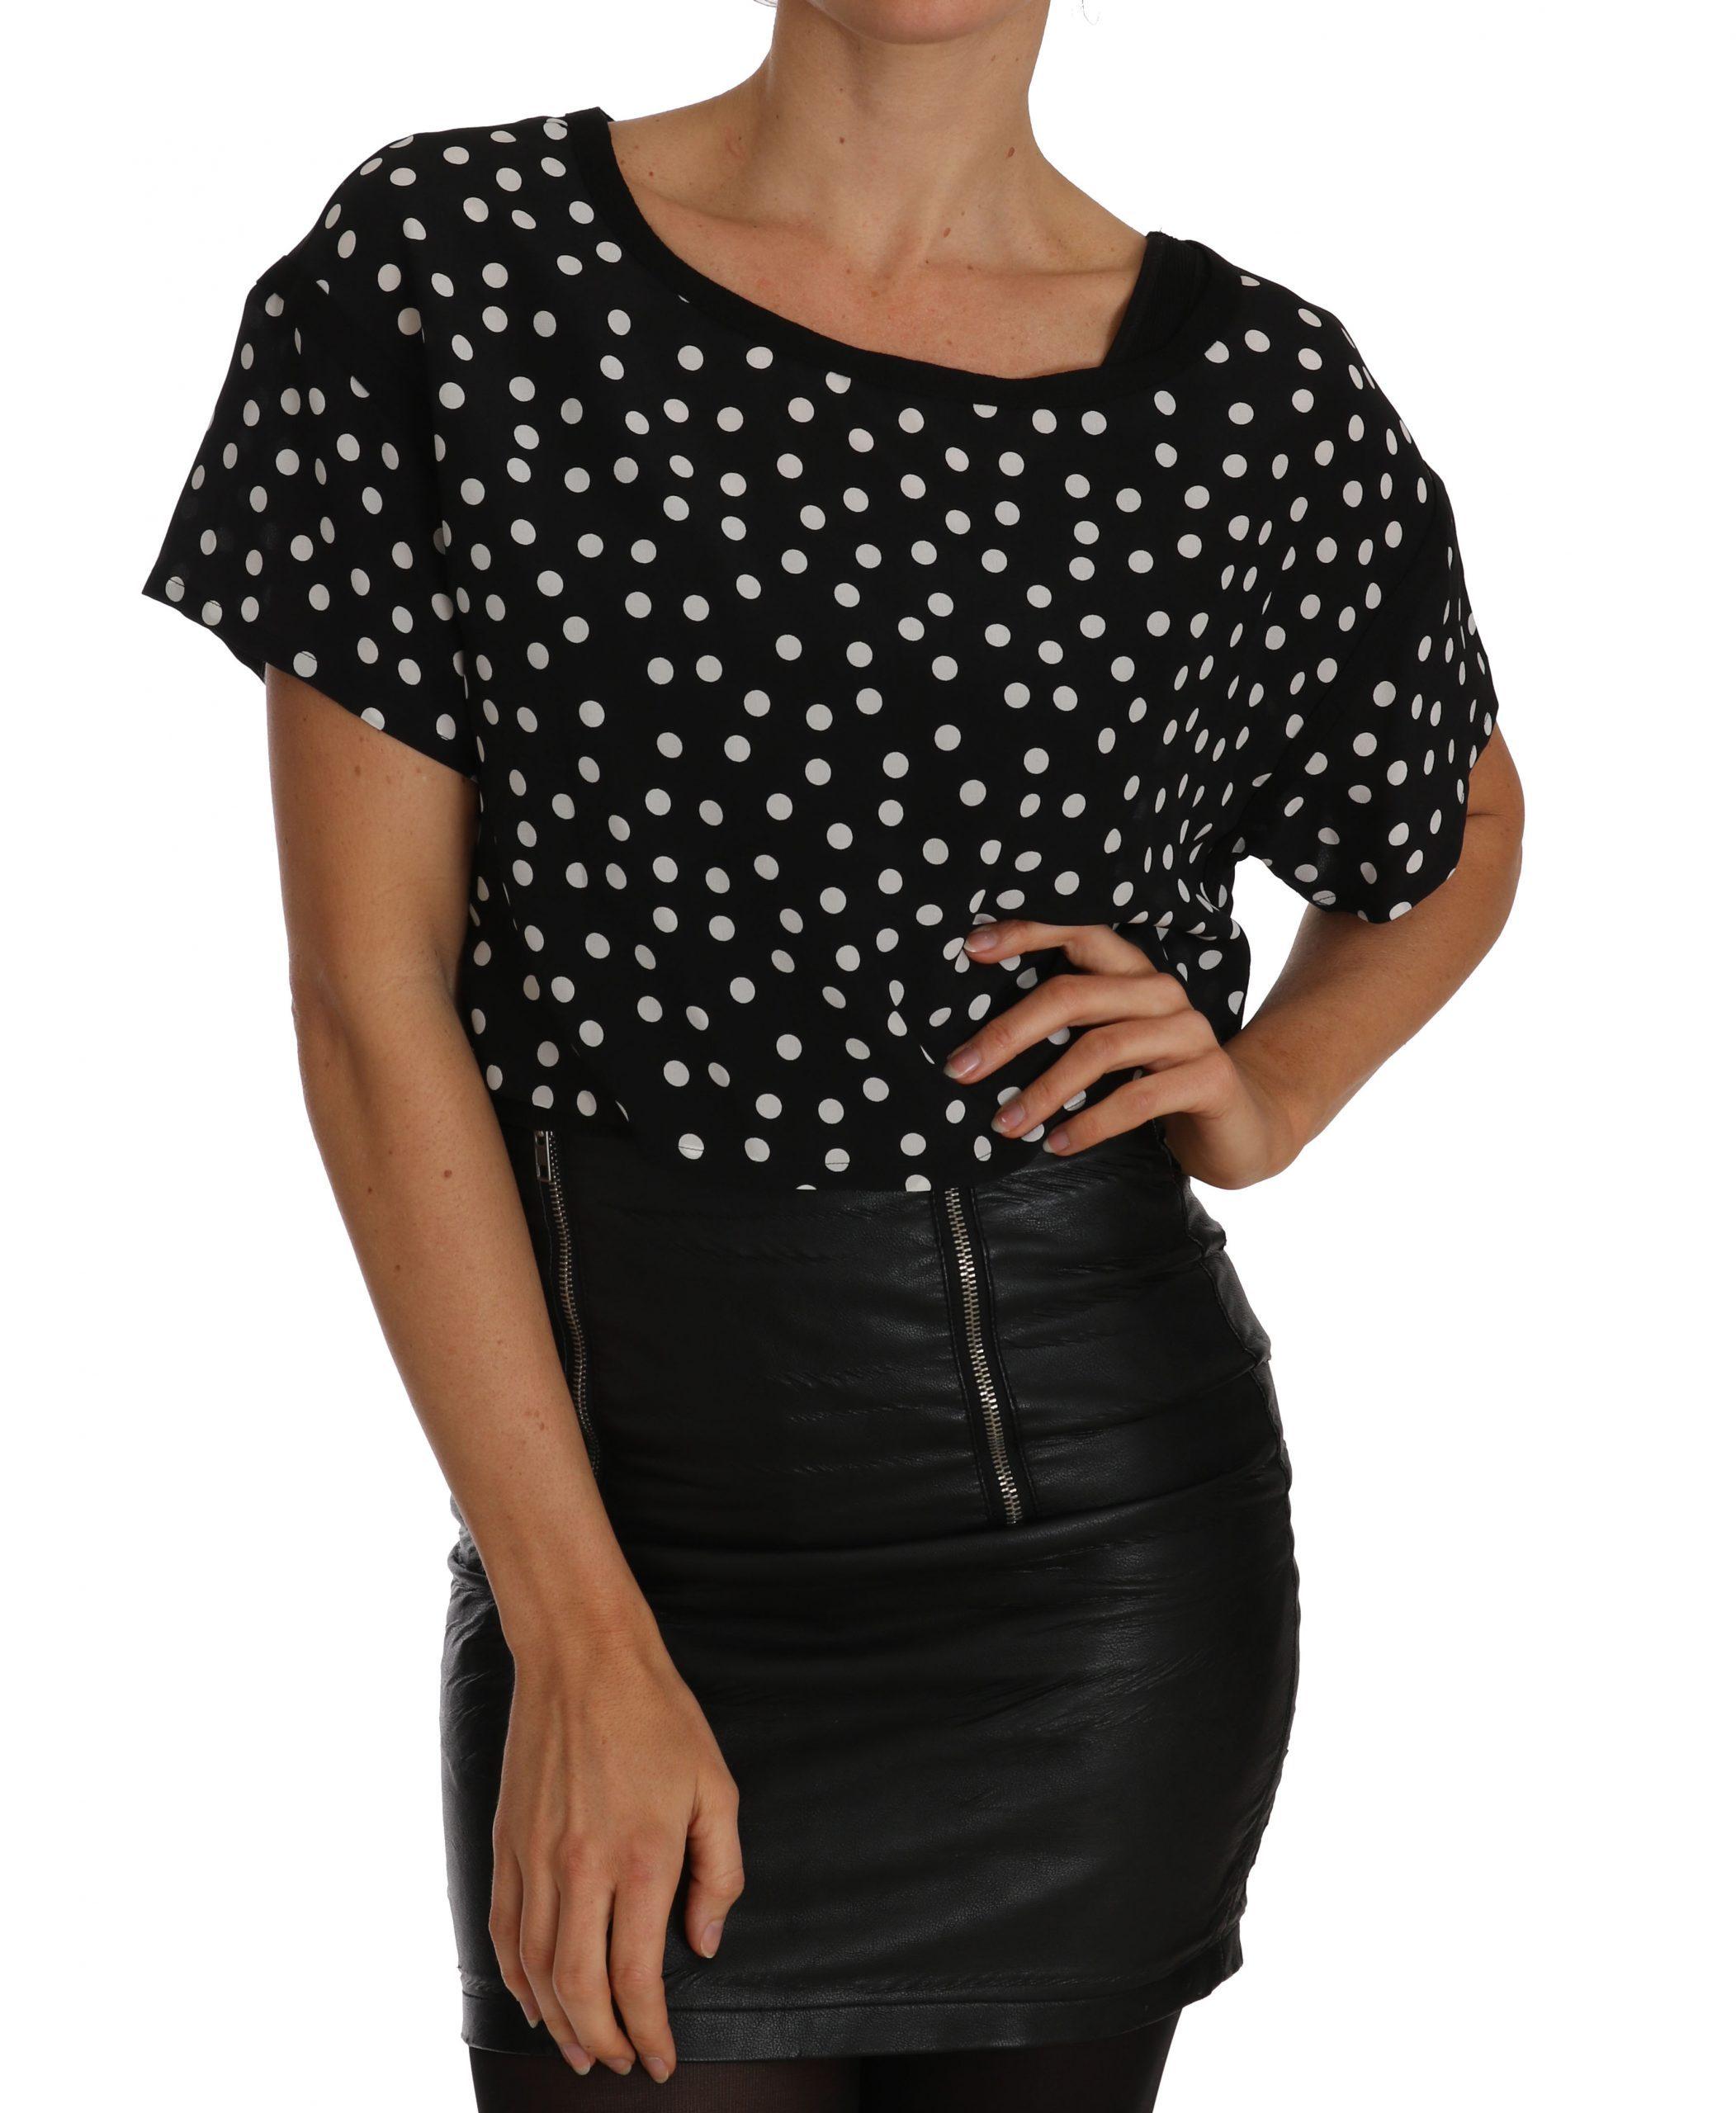 Black White Polka Dot Crop Top Blouse - IT42|M